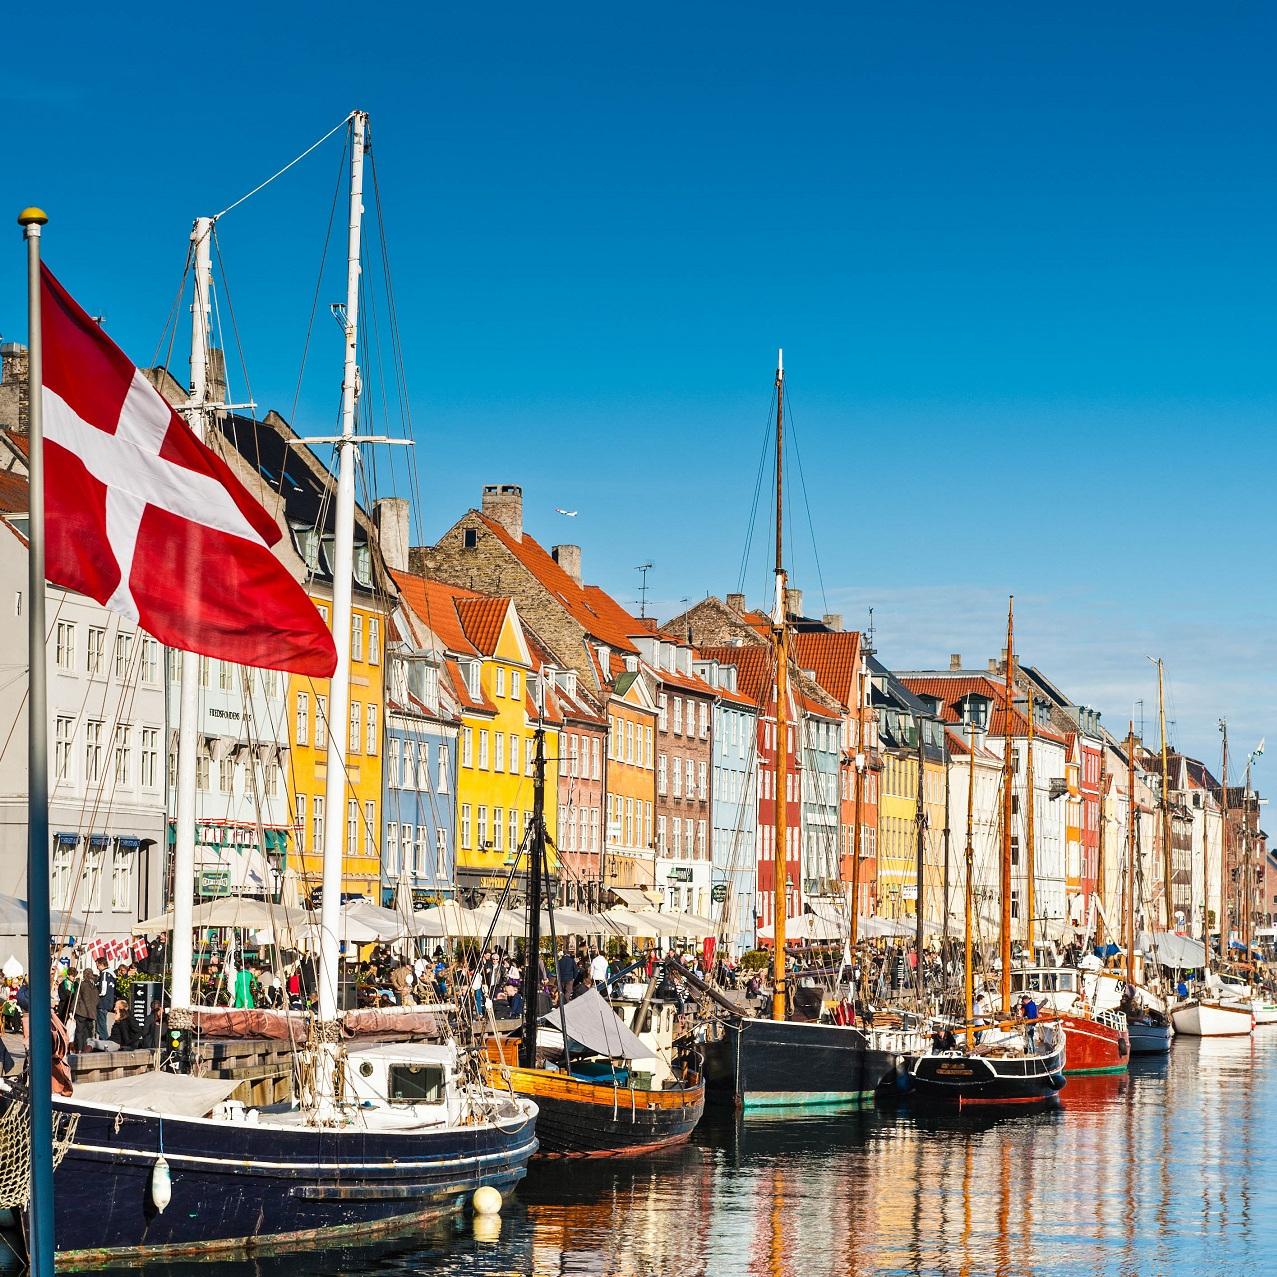 Flüge nach Dänemark (Kopenhagen) hin und zurück von Düsseldorf, Stuttgart, Köln und Nürnberg (Februar - April) ab 3,05€